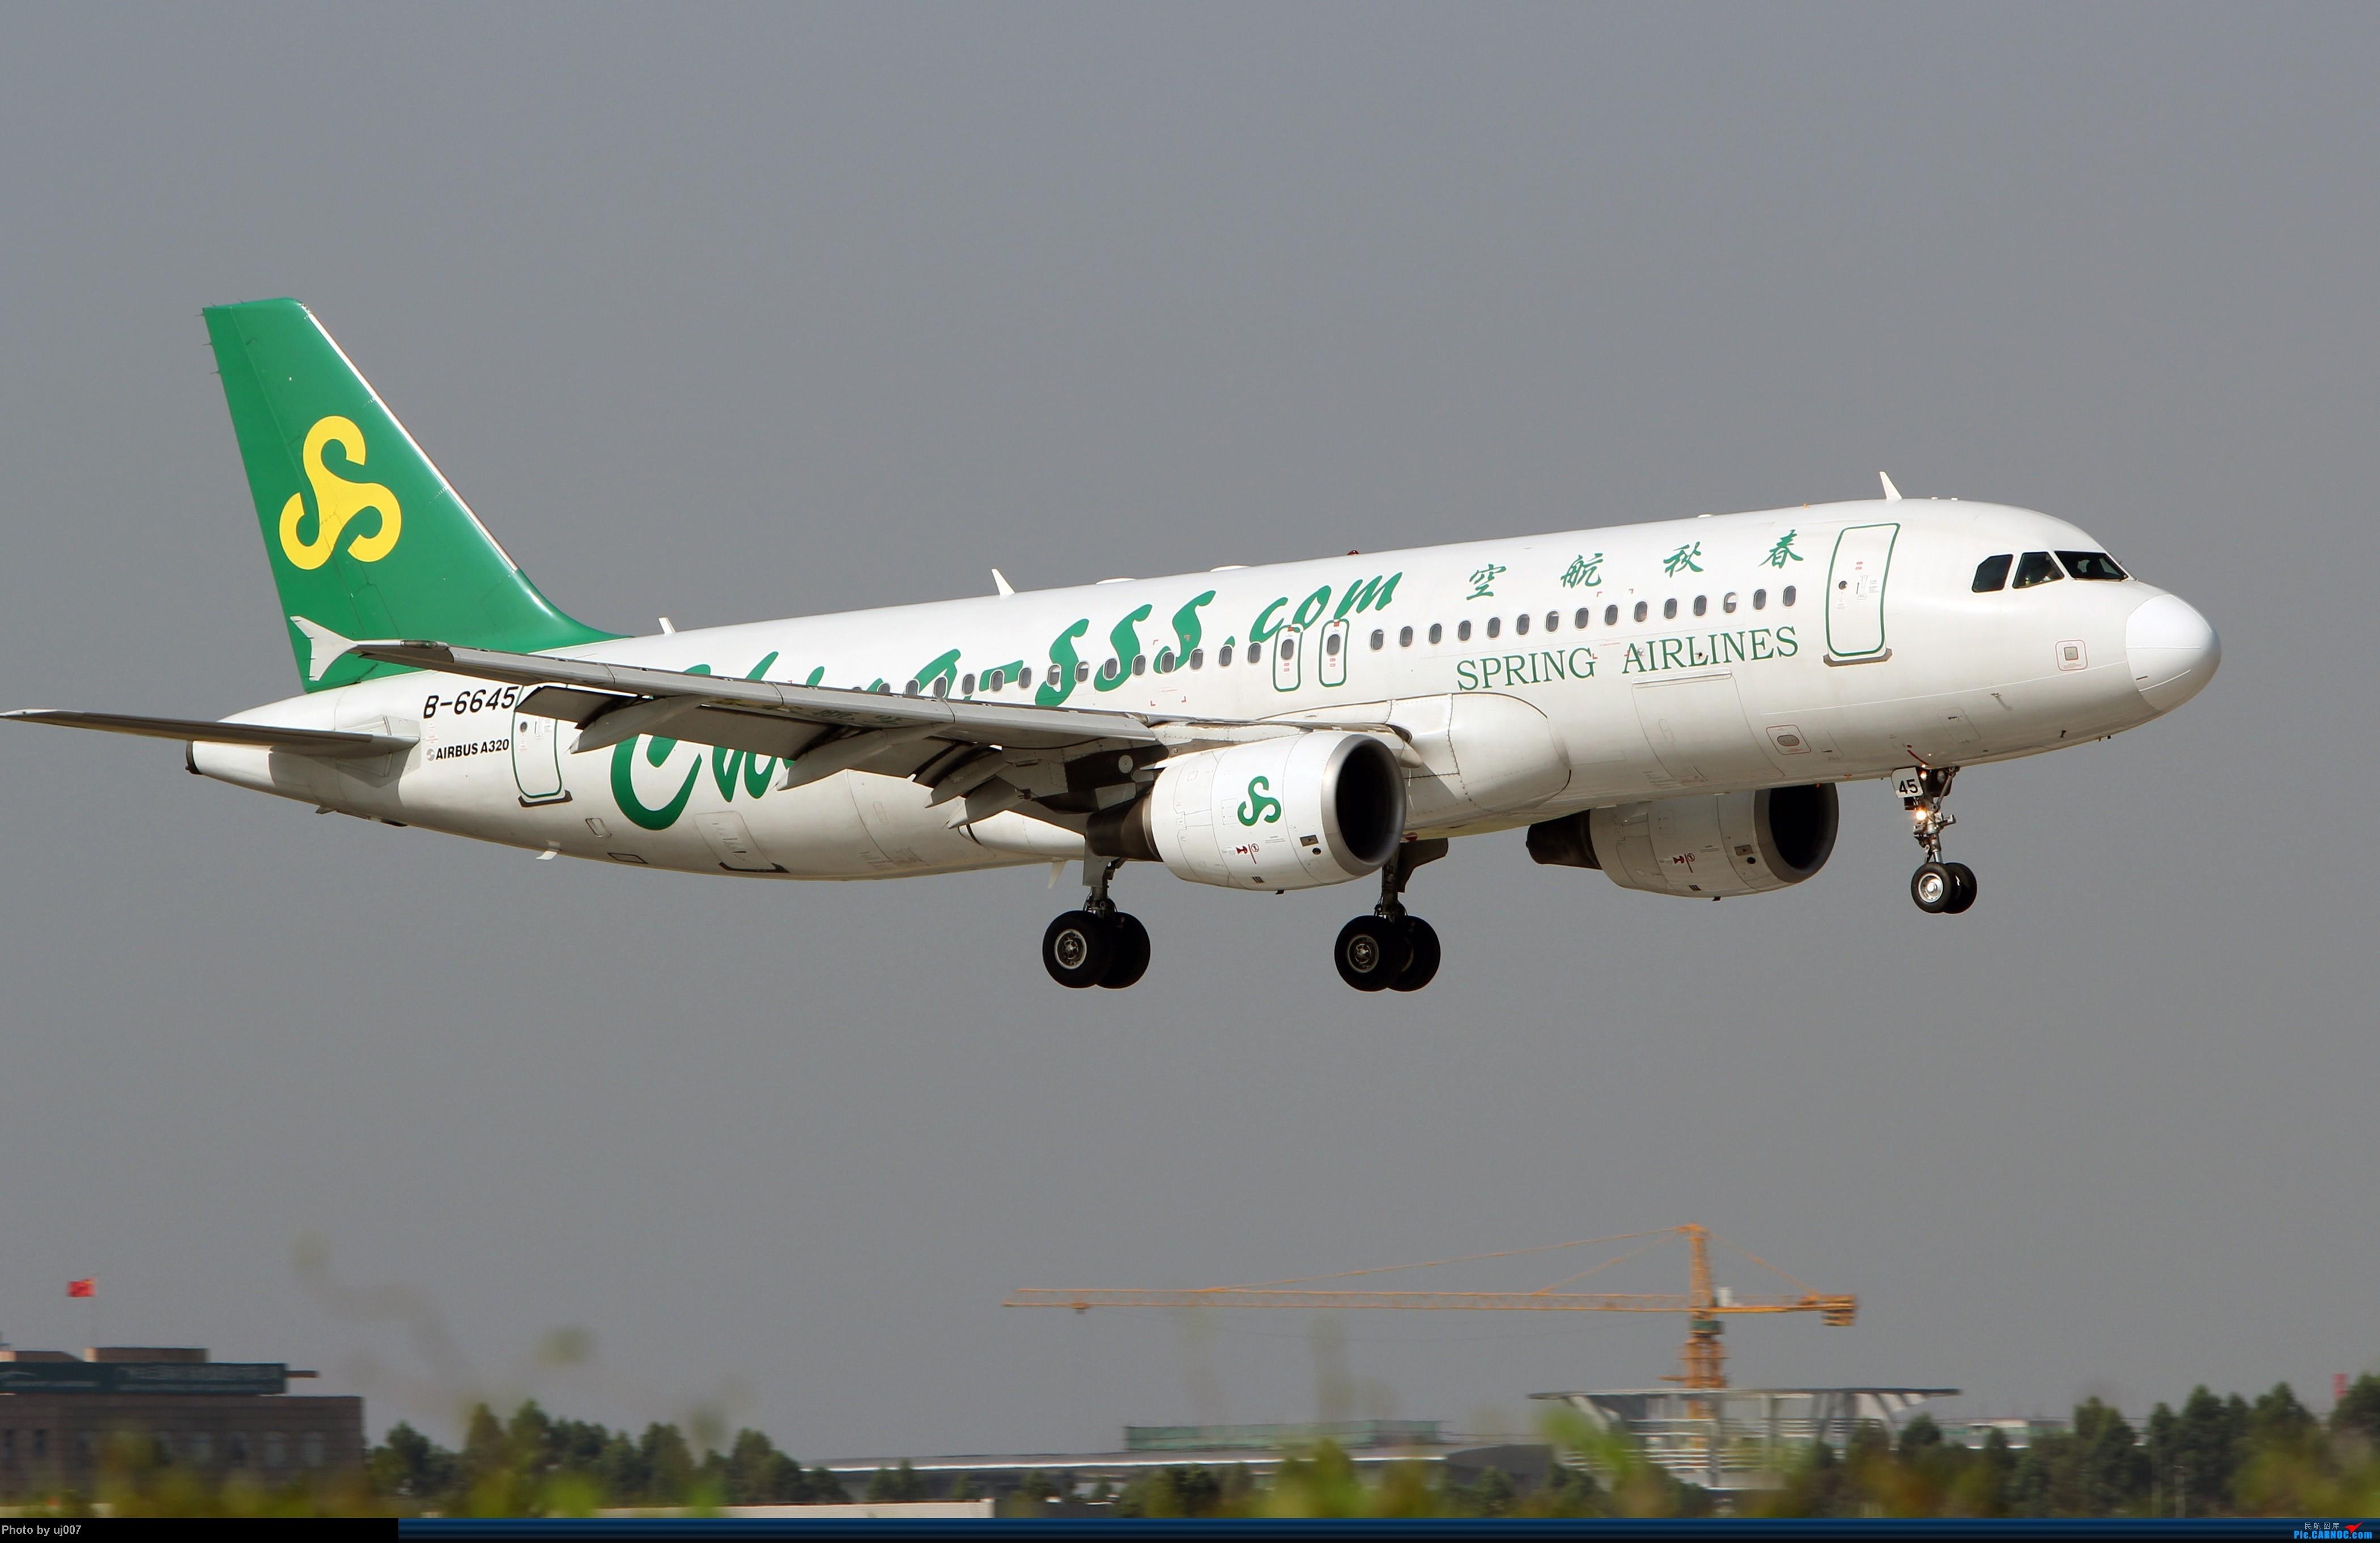 Re:[原创]10月2日白云拍机(大飞机,特别妆,外航,闪灯,擦烟)求指点. AIRBUS A320-200 B-6645 广州白云国际机场